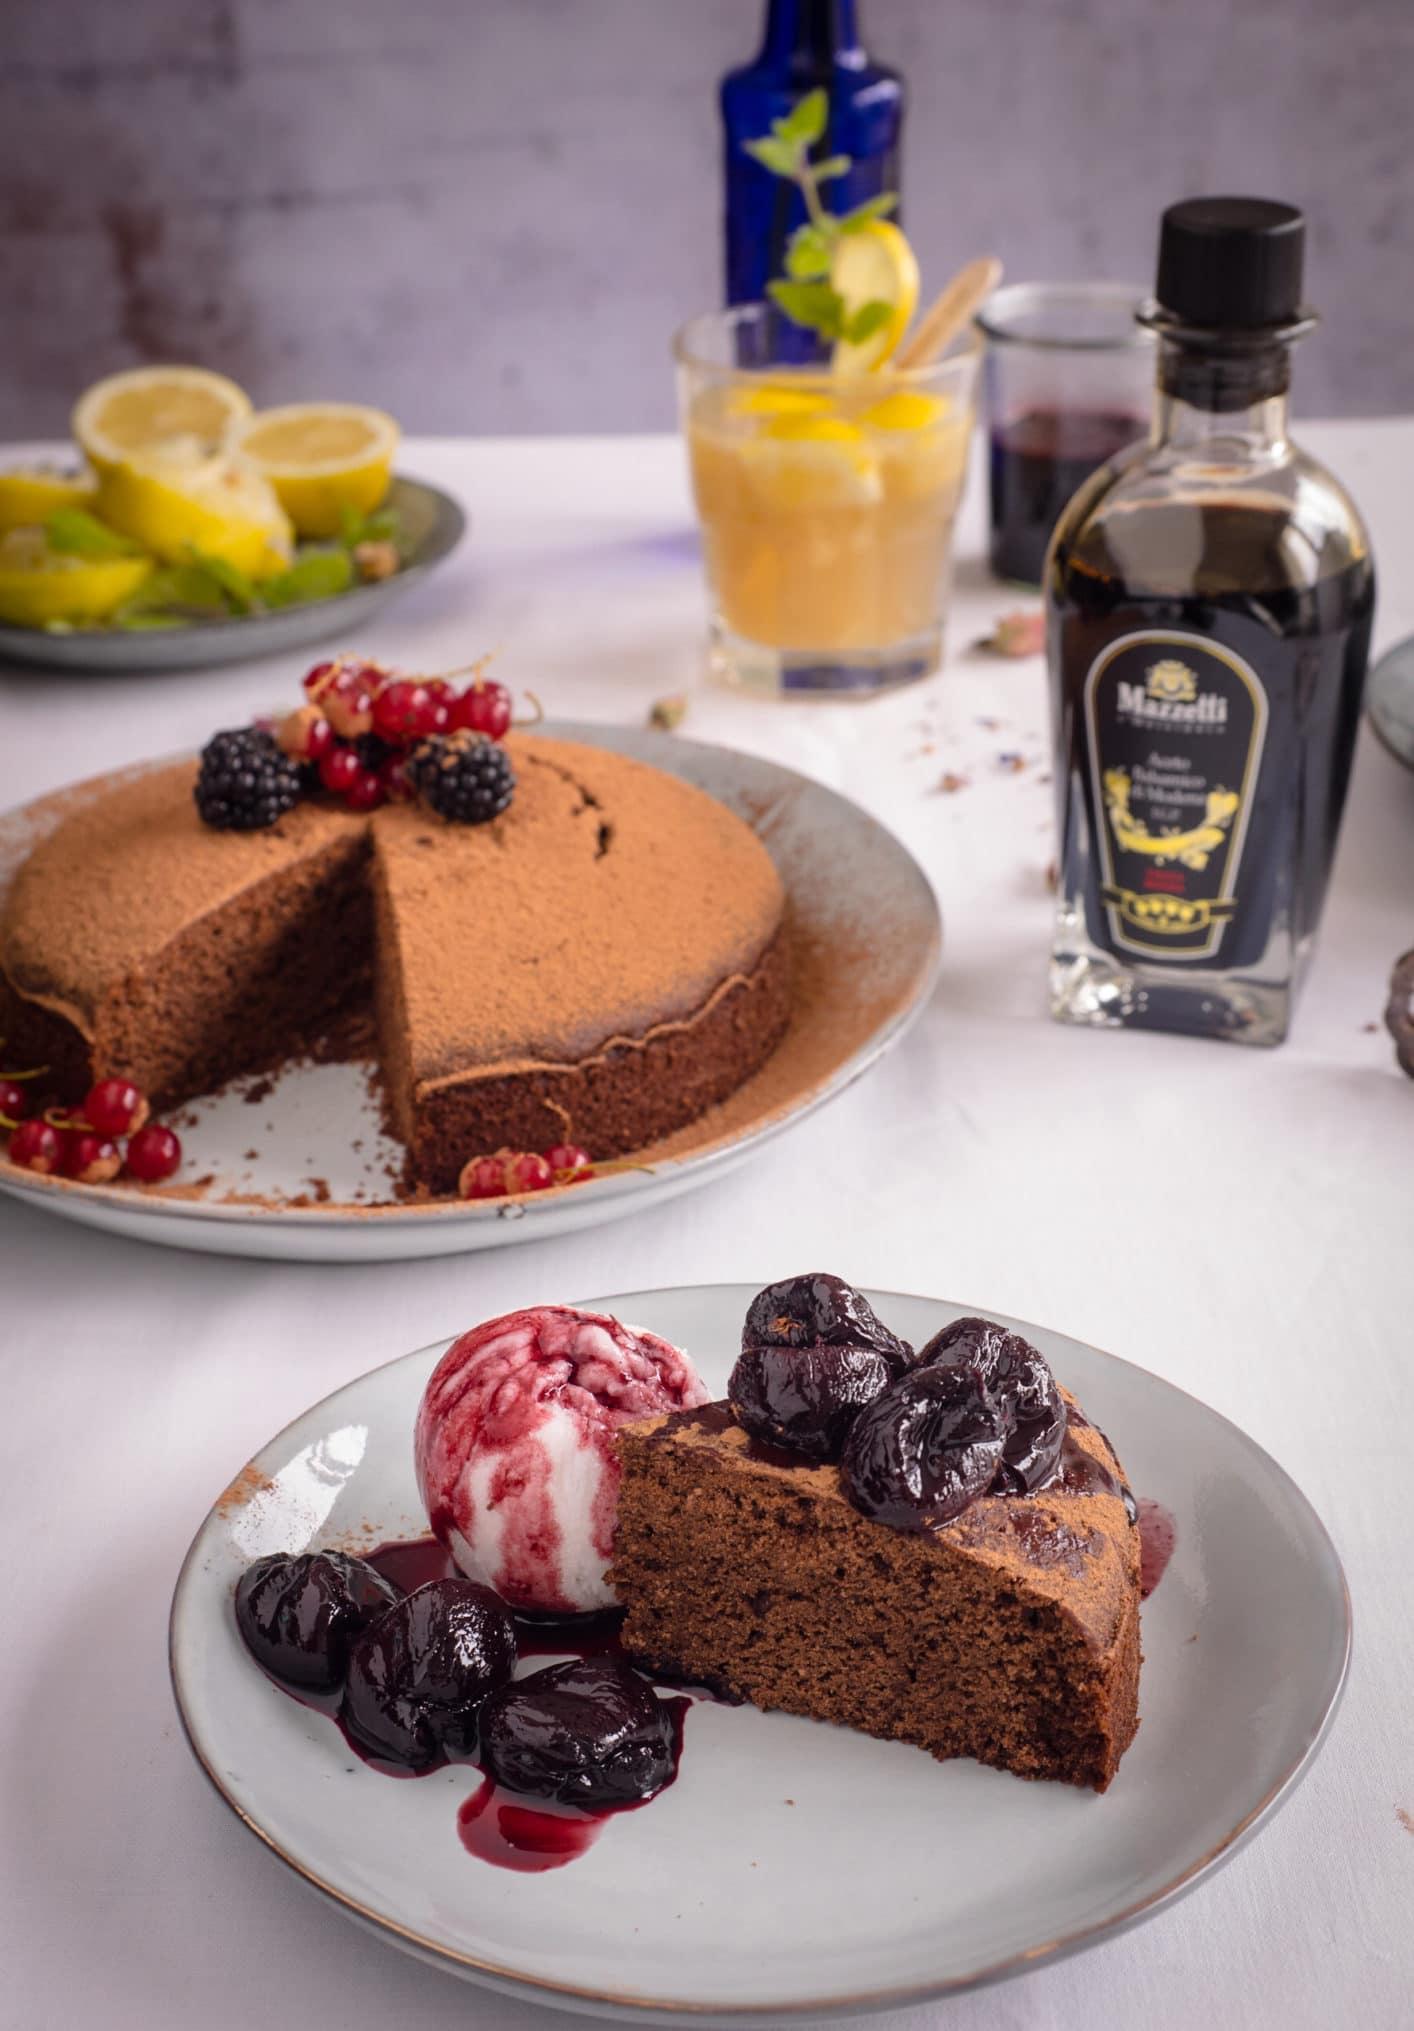 Schokoladen Kuchen mit Mazzetti l'originale